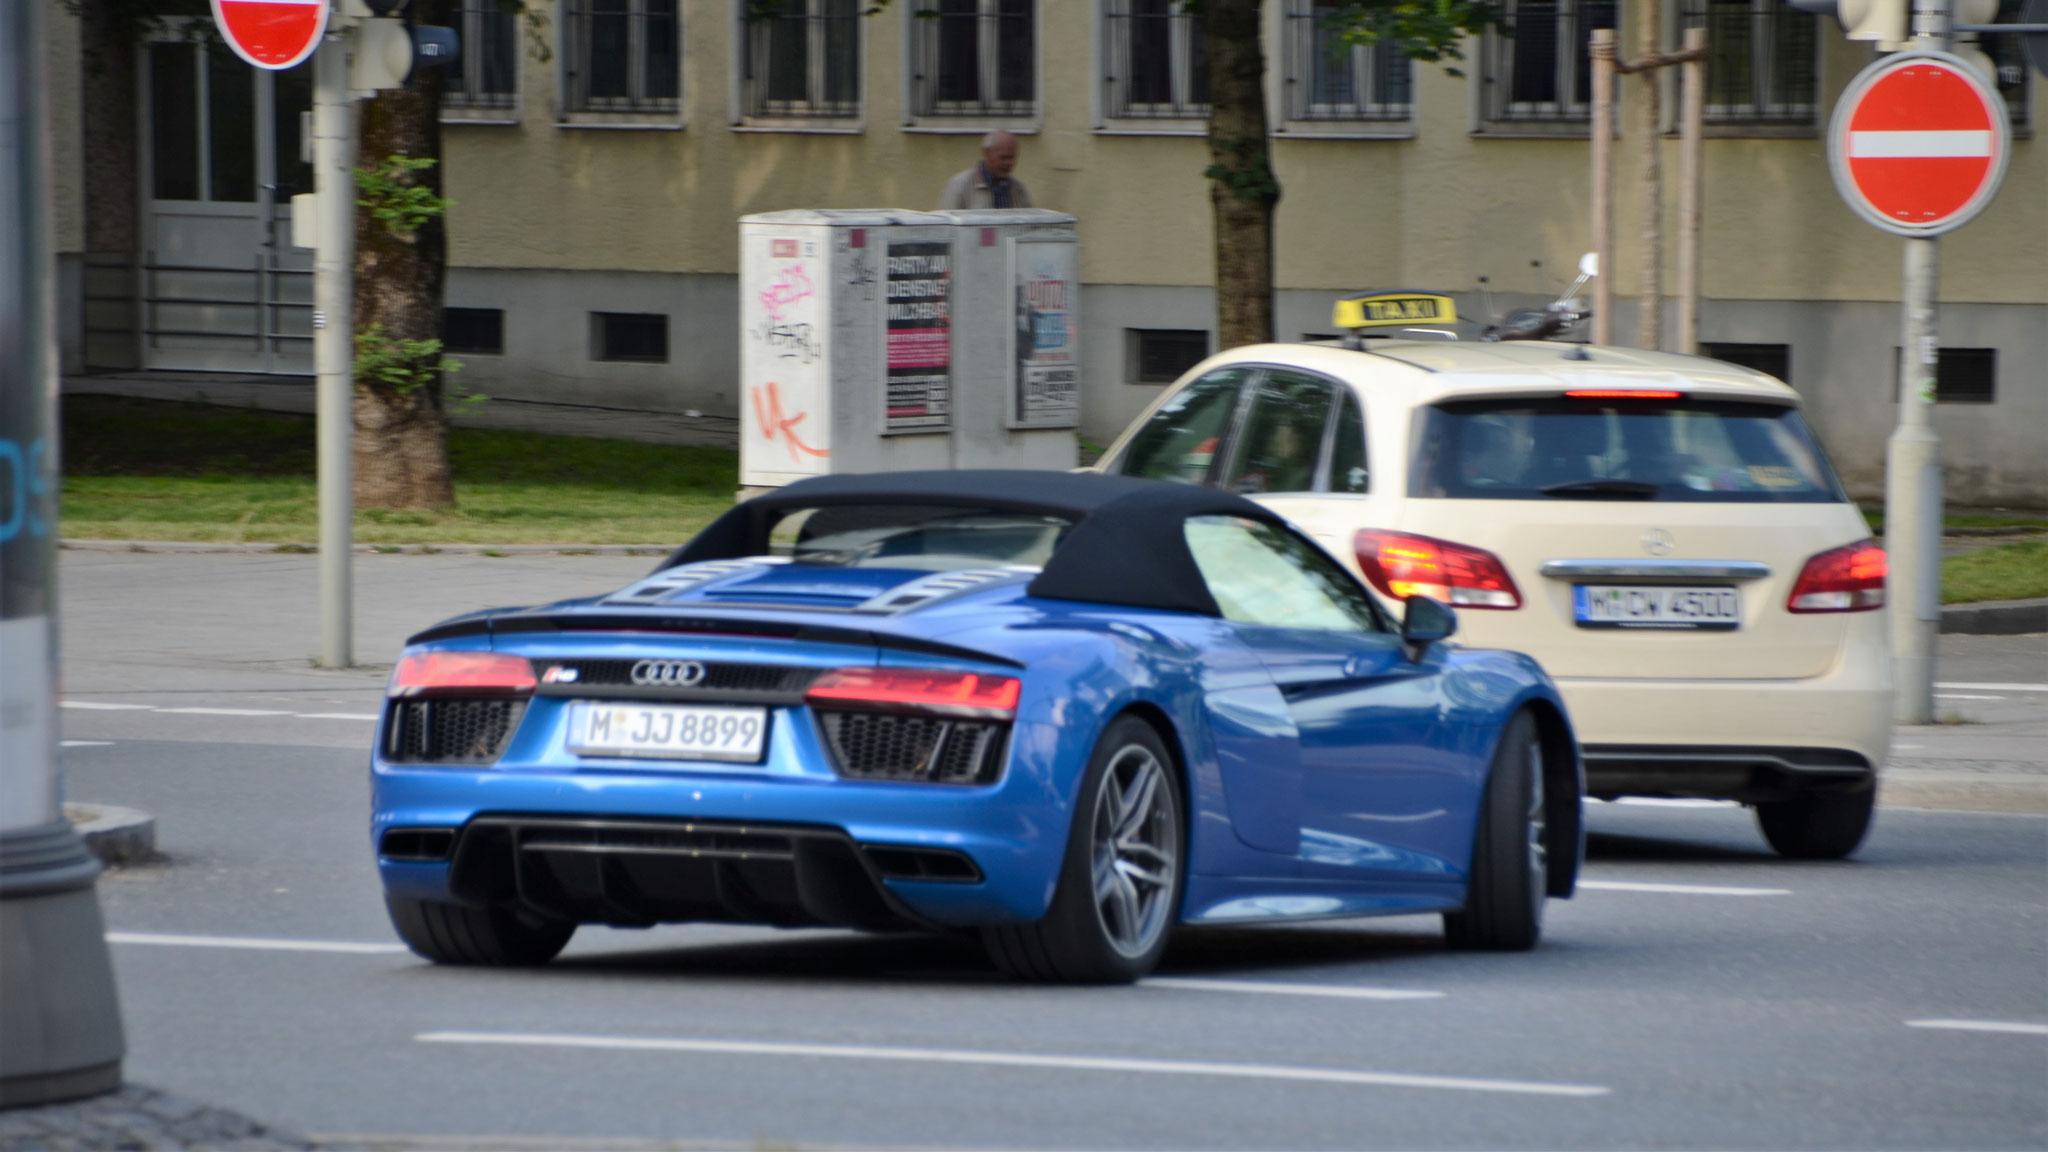 Audi R8 V10 Spyder - M-JJ-8899